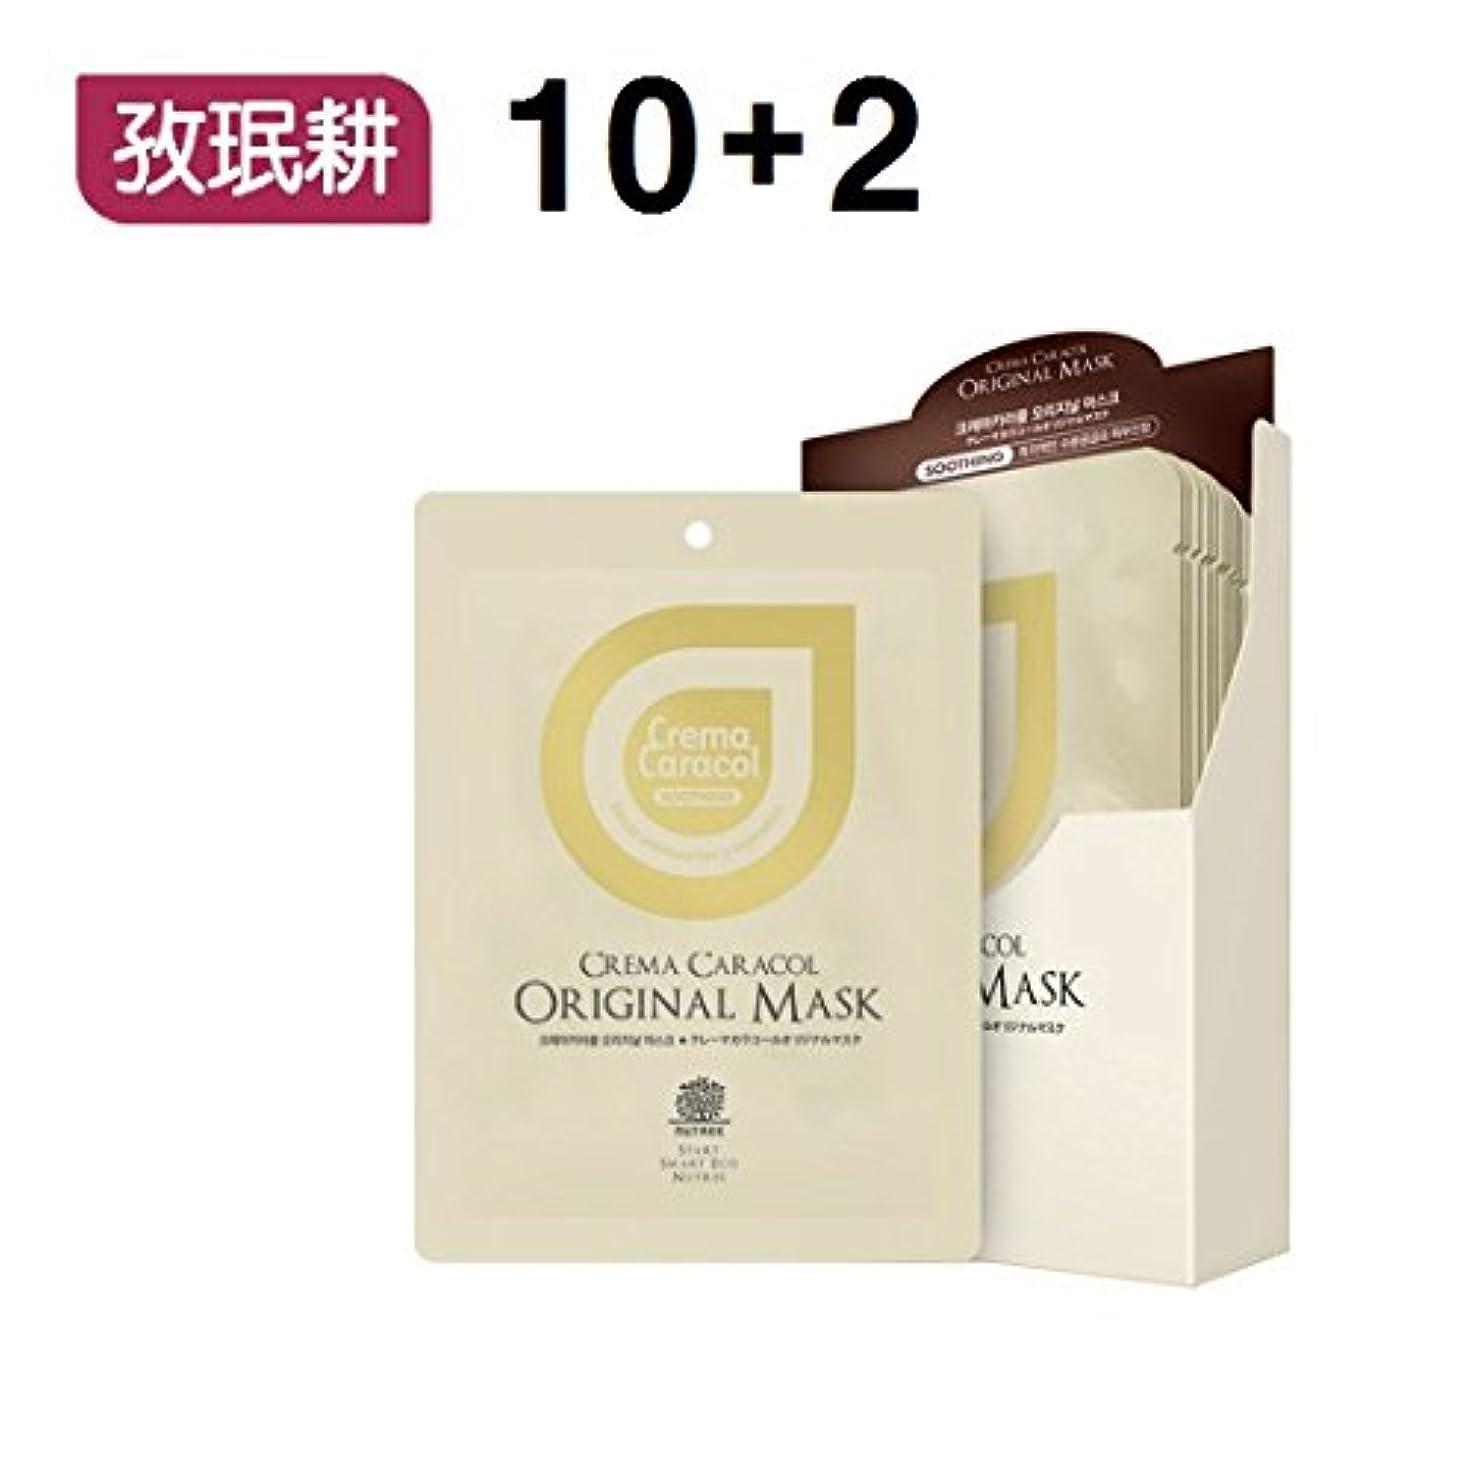 航空会社部分的理解するJaminkyung Crema Caracol Original Mask 10+2 / ジャミンギョン クレマカラコールオリジナルマスク 10+2 [並行輸入品]